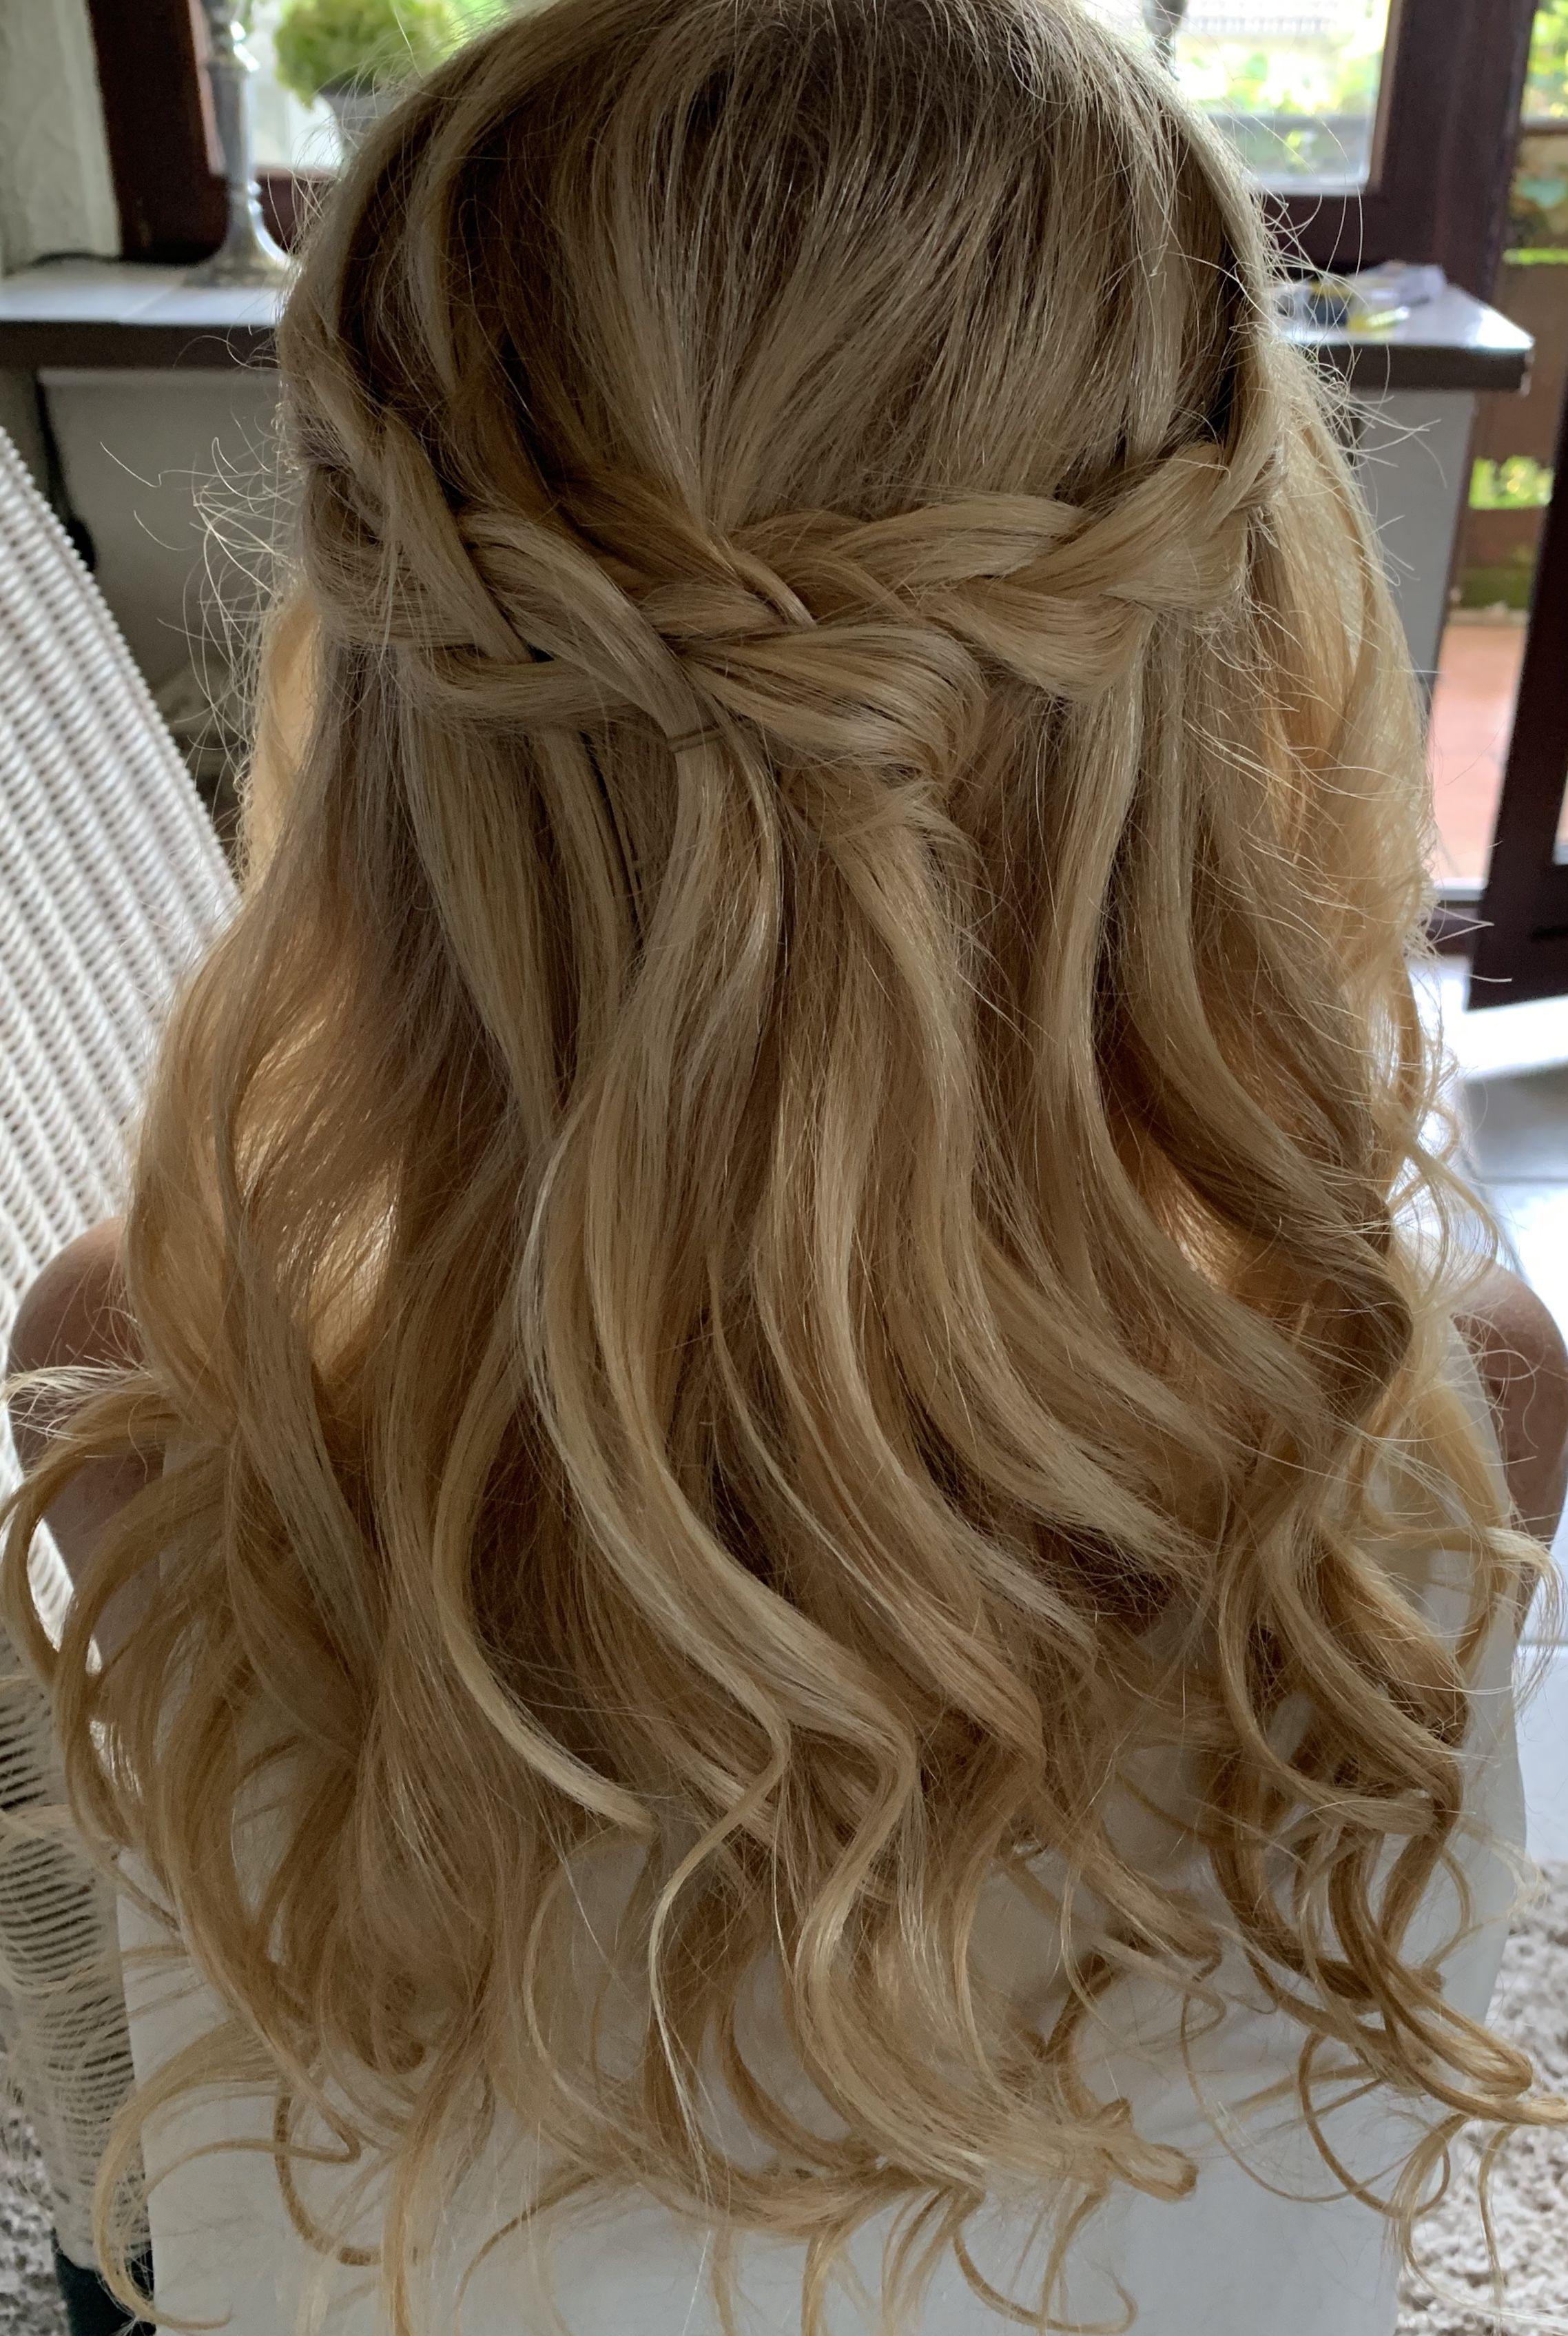 Wedding Hair Schone Frisuren Lange Haare Frisuren Offene Haare Hochzeit Frisur Standesamt